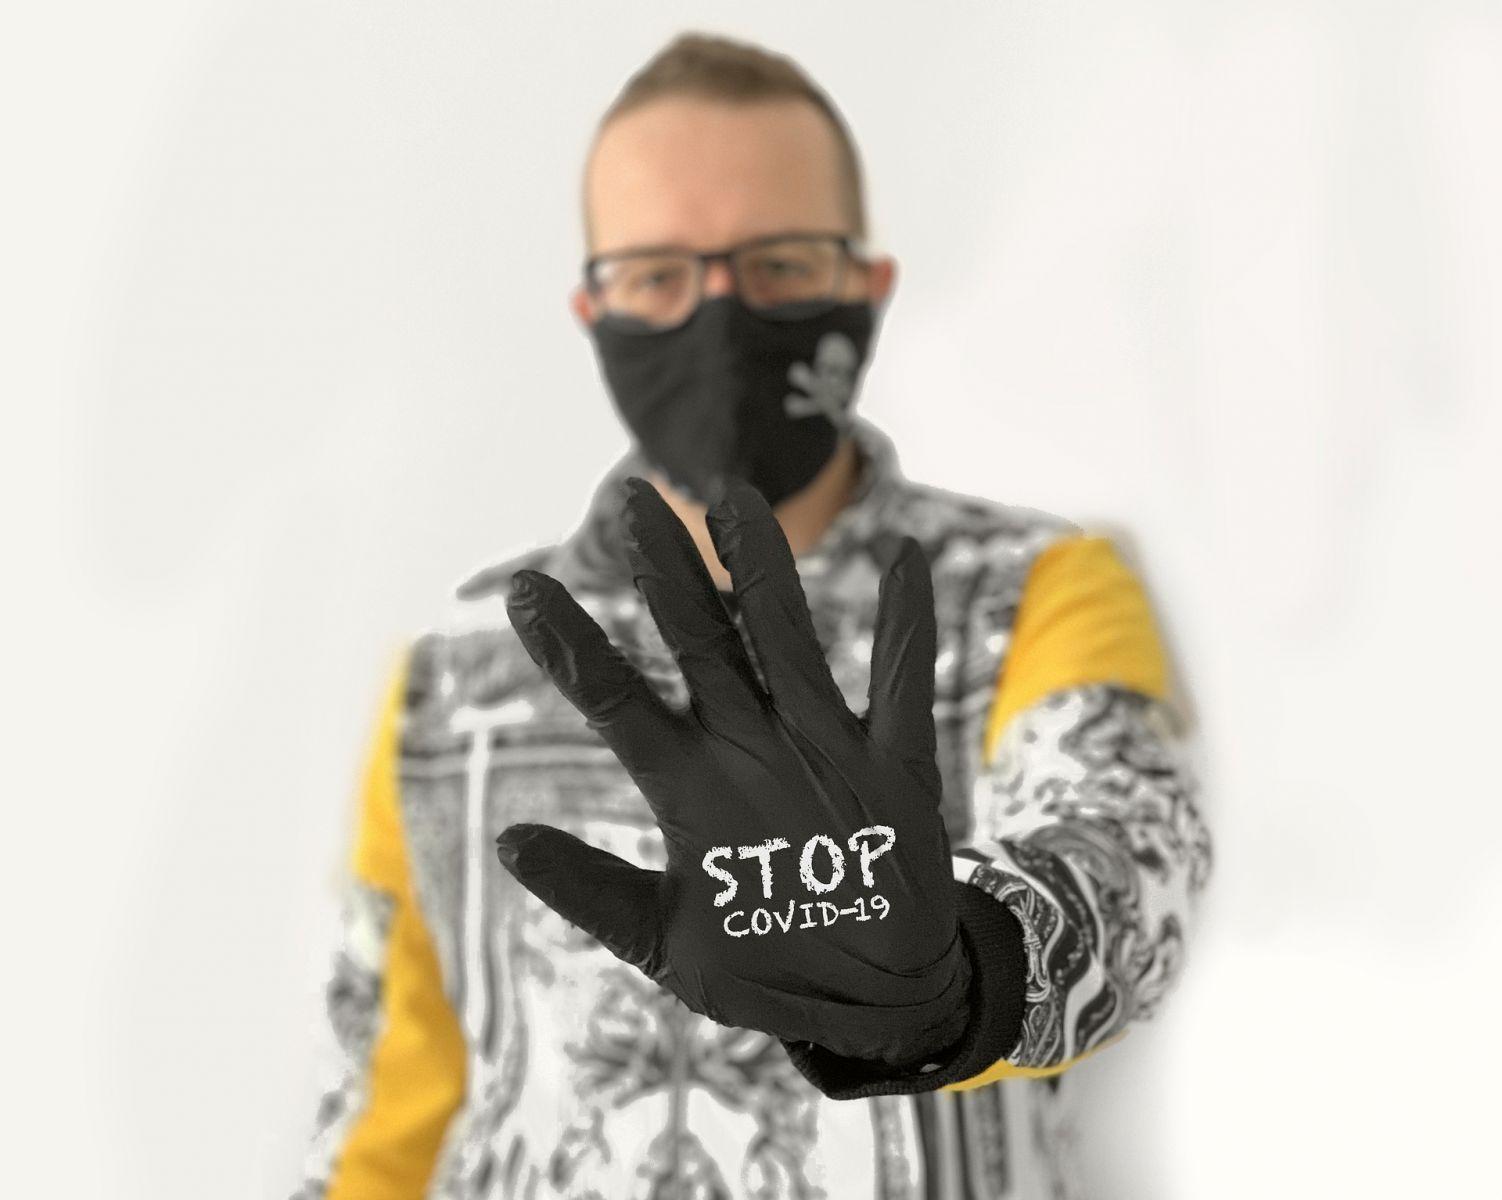 Directrices generales para un trabajo seguro durante la pandemia de COVID-19